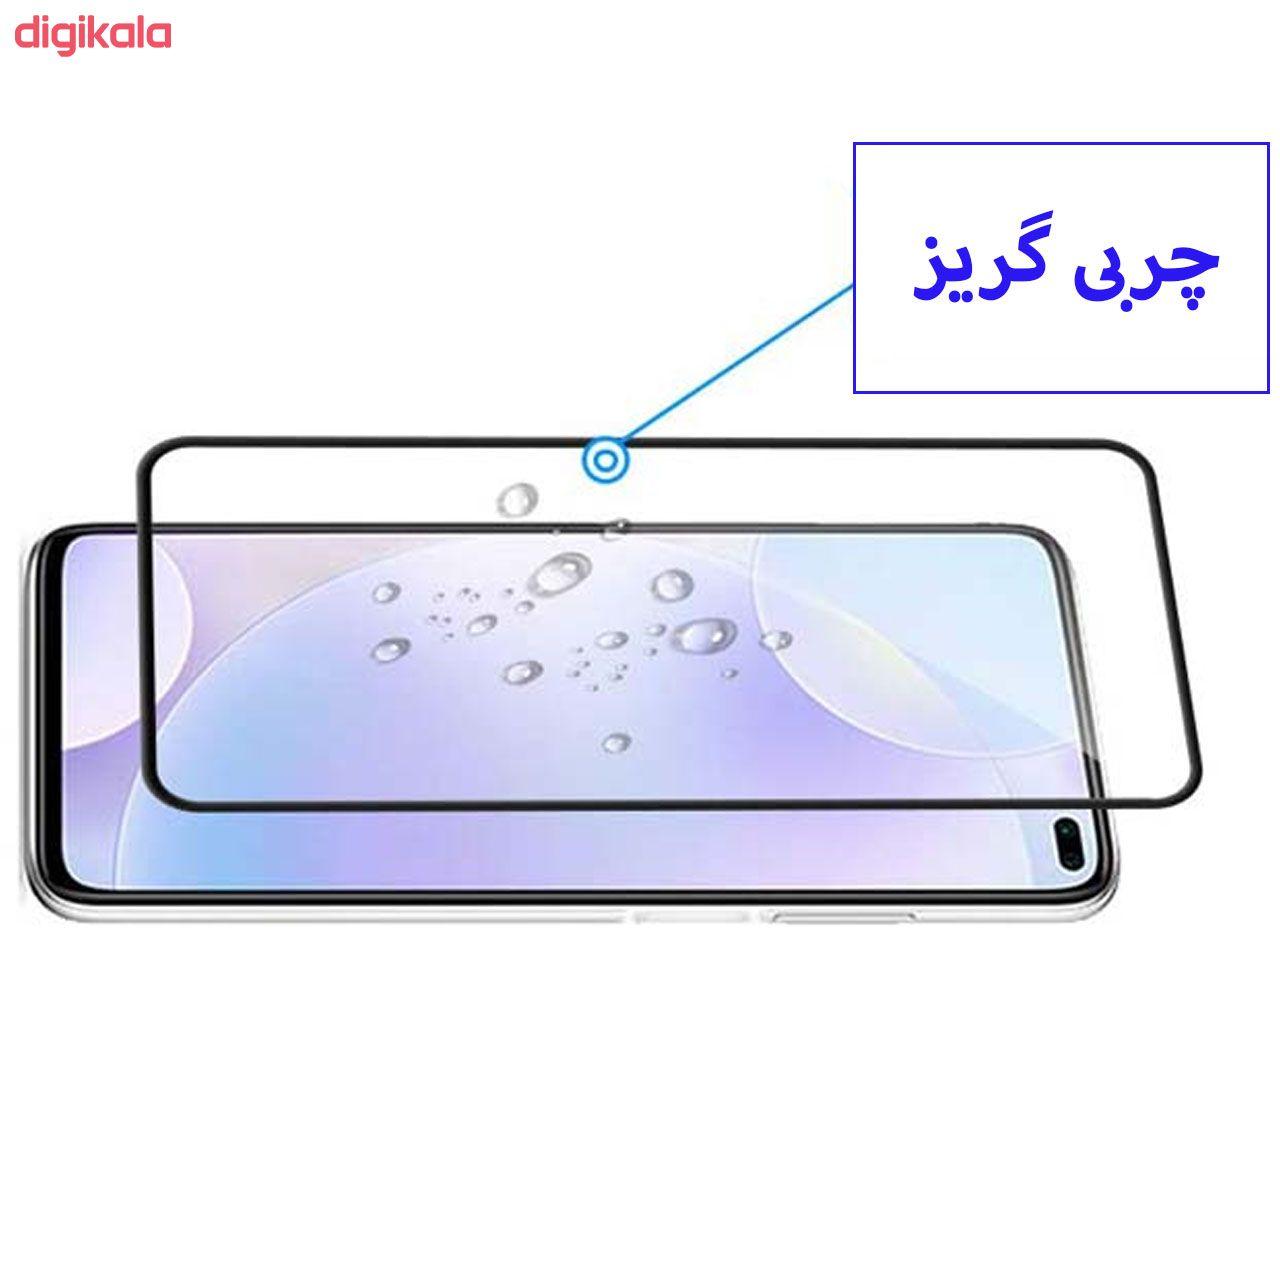 محافظ صفحه نمایش تراستکتور مدل GSS مناسب برای گوشی موبایل شیائومی Redmi K30 بسته 3 عددی main 1 2